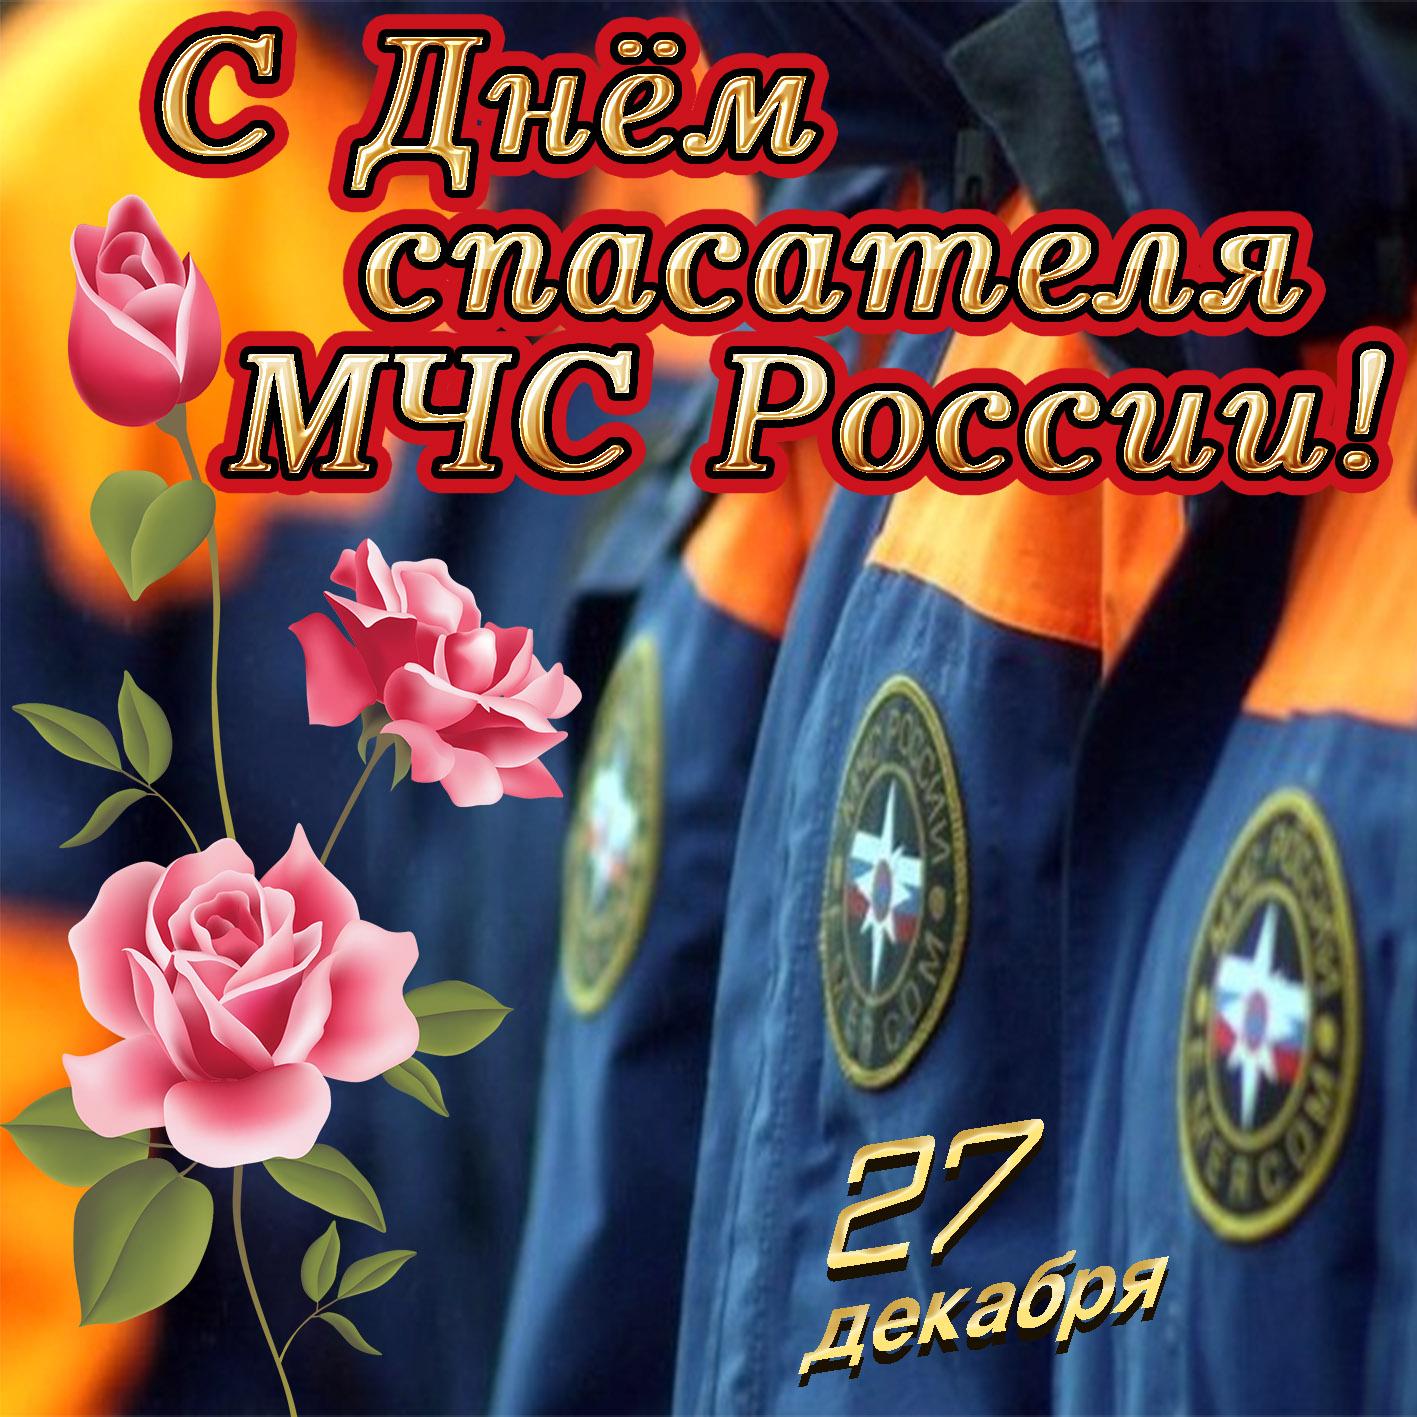 День спасателя российской федерации день мчс